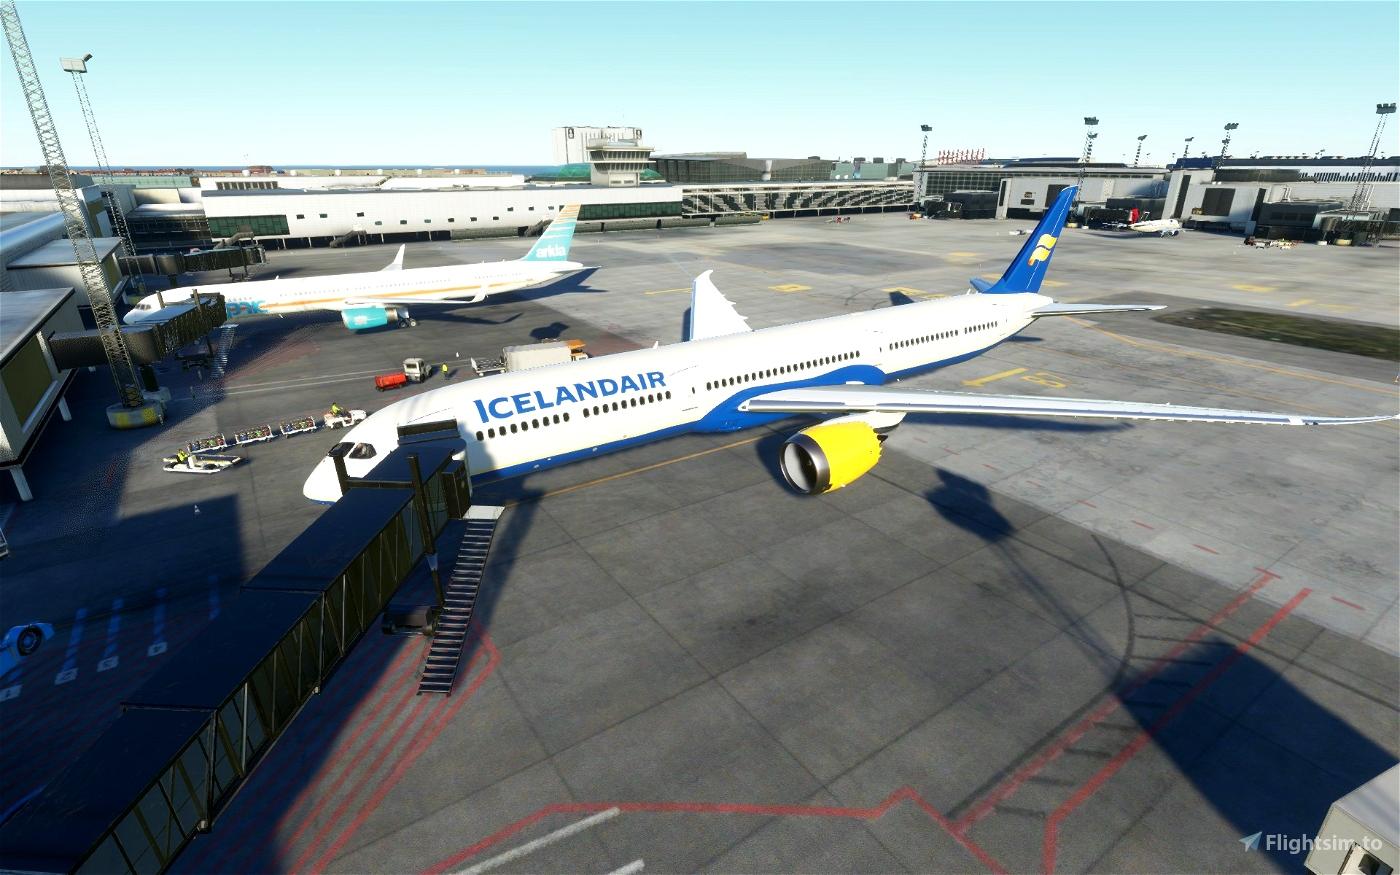 Boeing 787-10 Icelandair